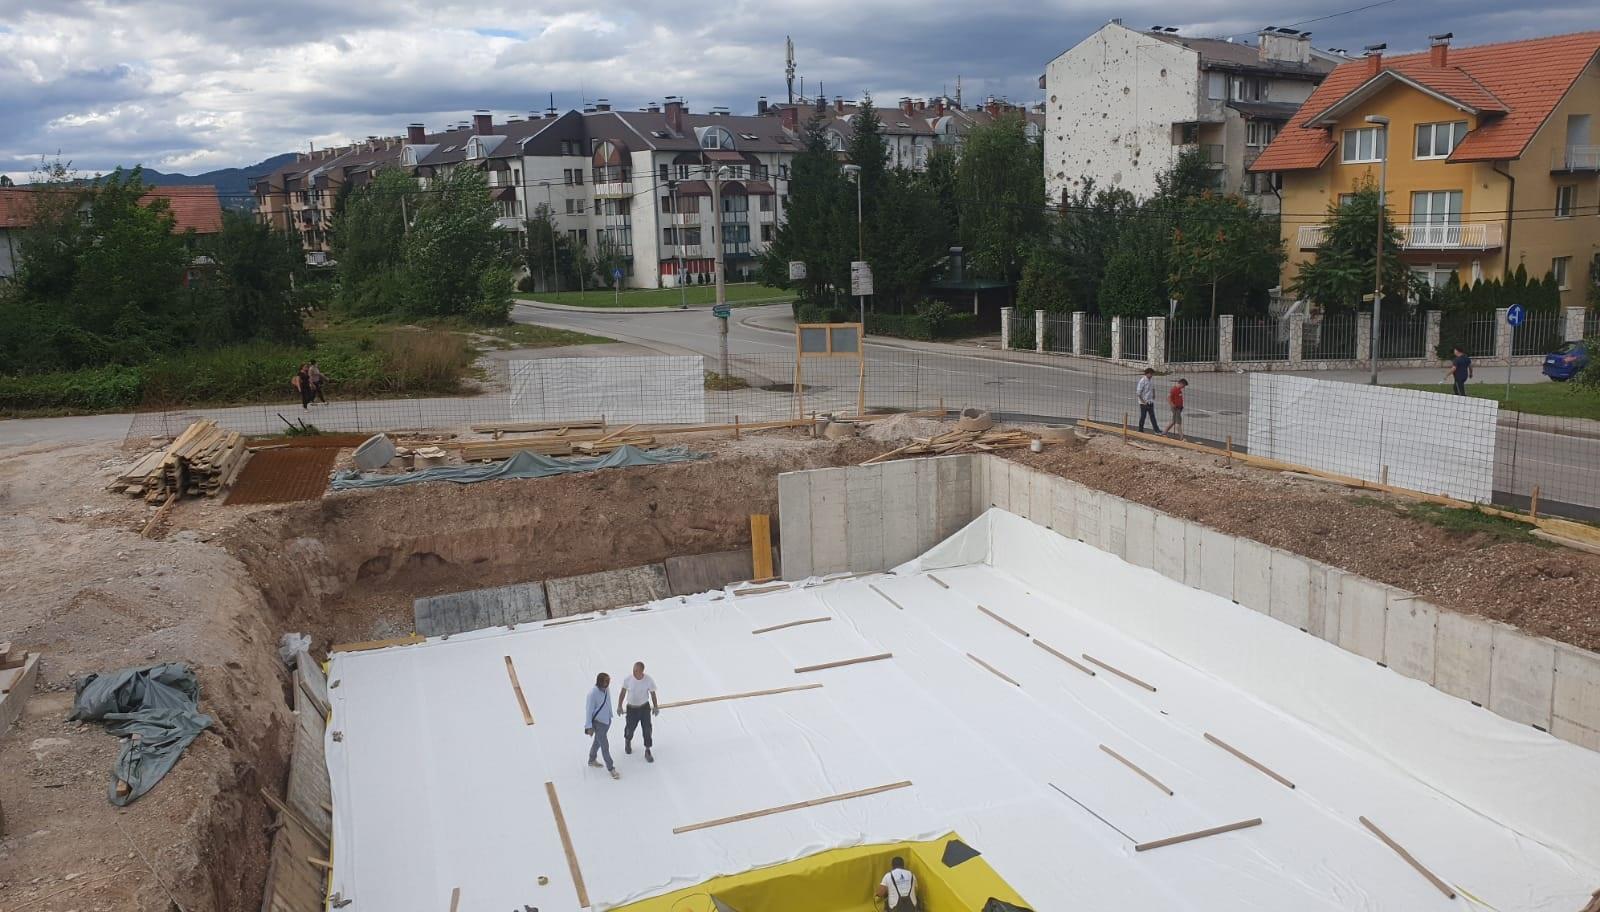 Pogledajte kako izgleda gradnja stambenog objekta Sarajevo Waves 5 (Foto)